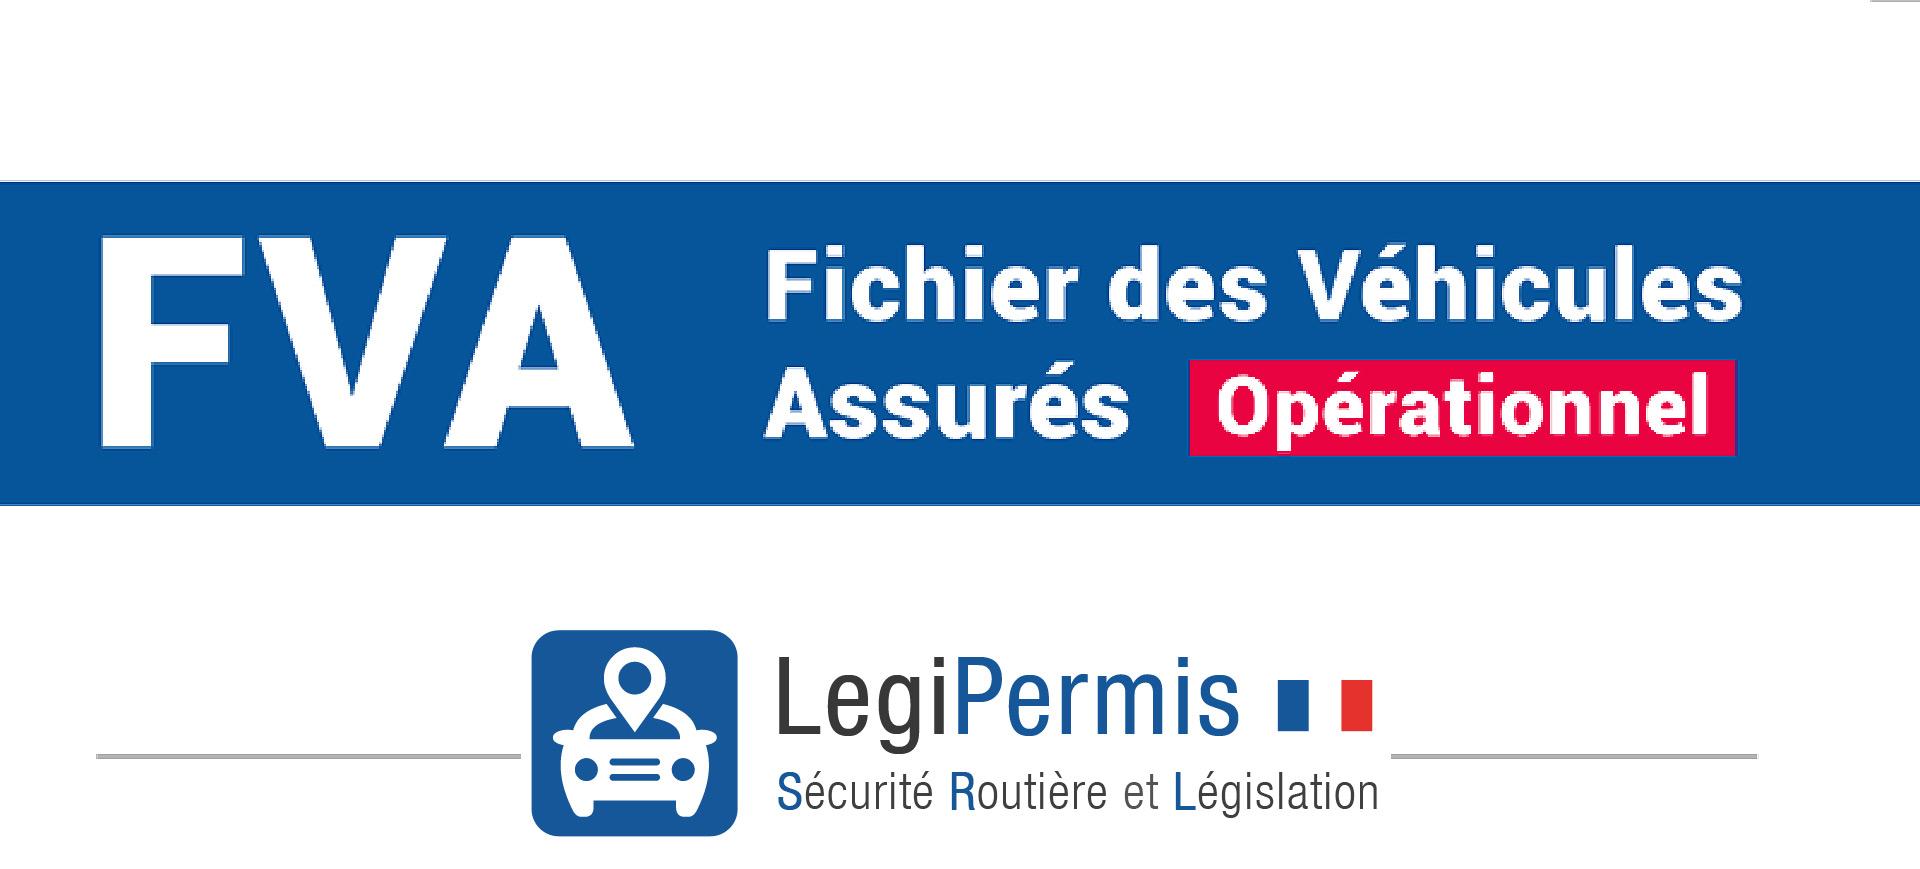 Lancement opérationnel du Fichier des Véhicules assurés et Action de Prévention